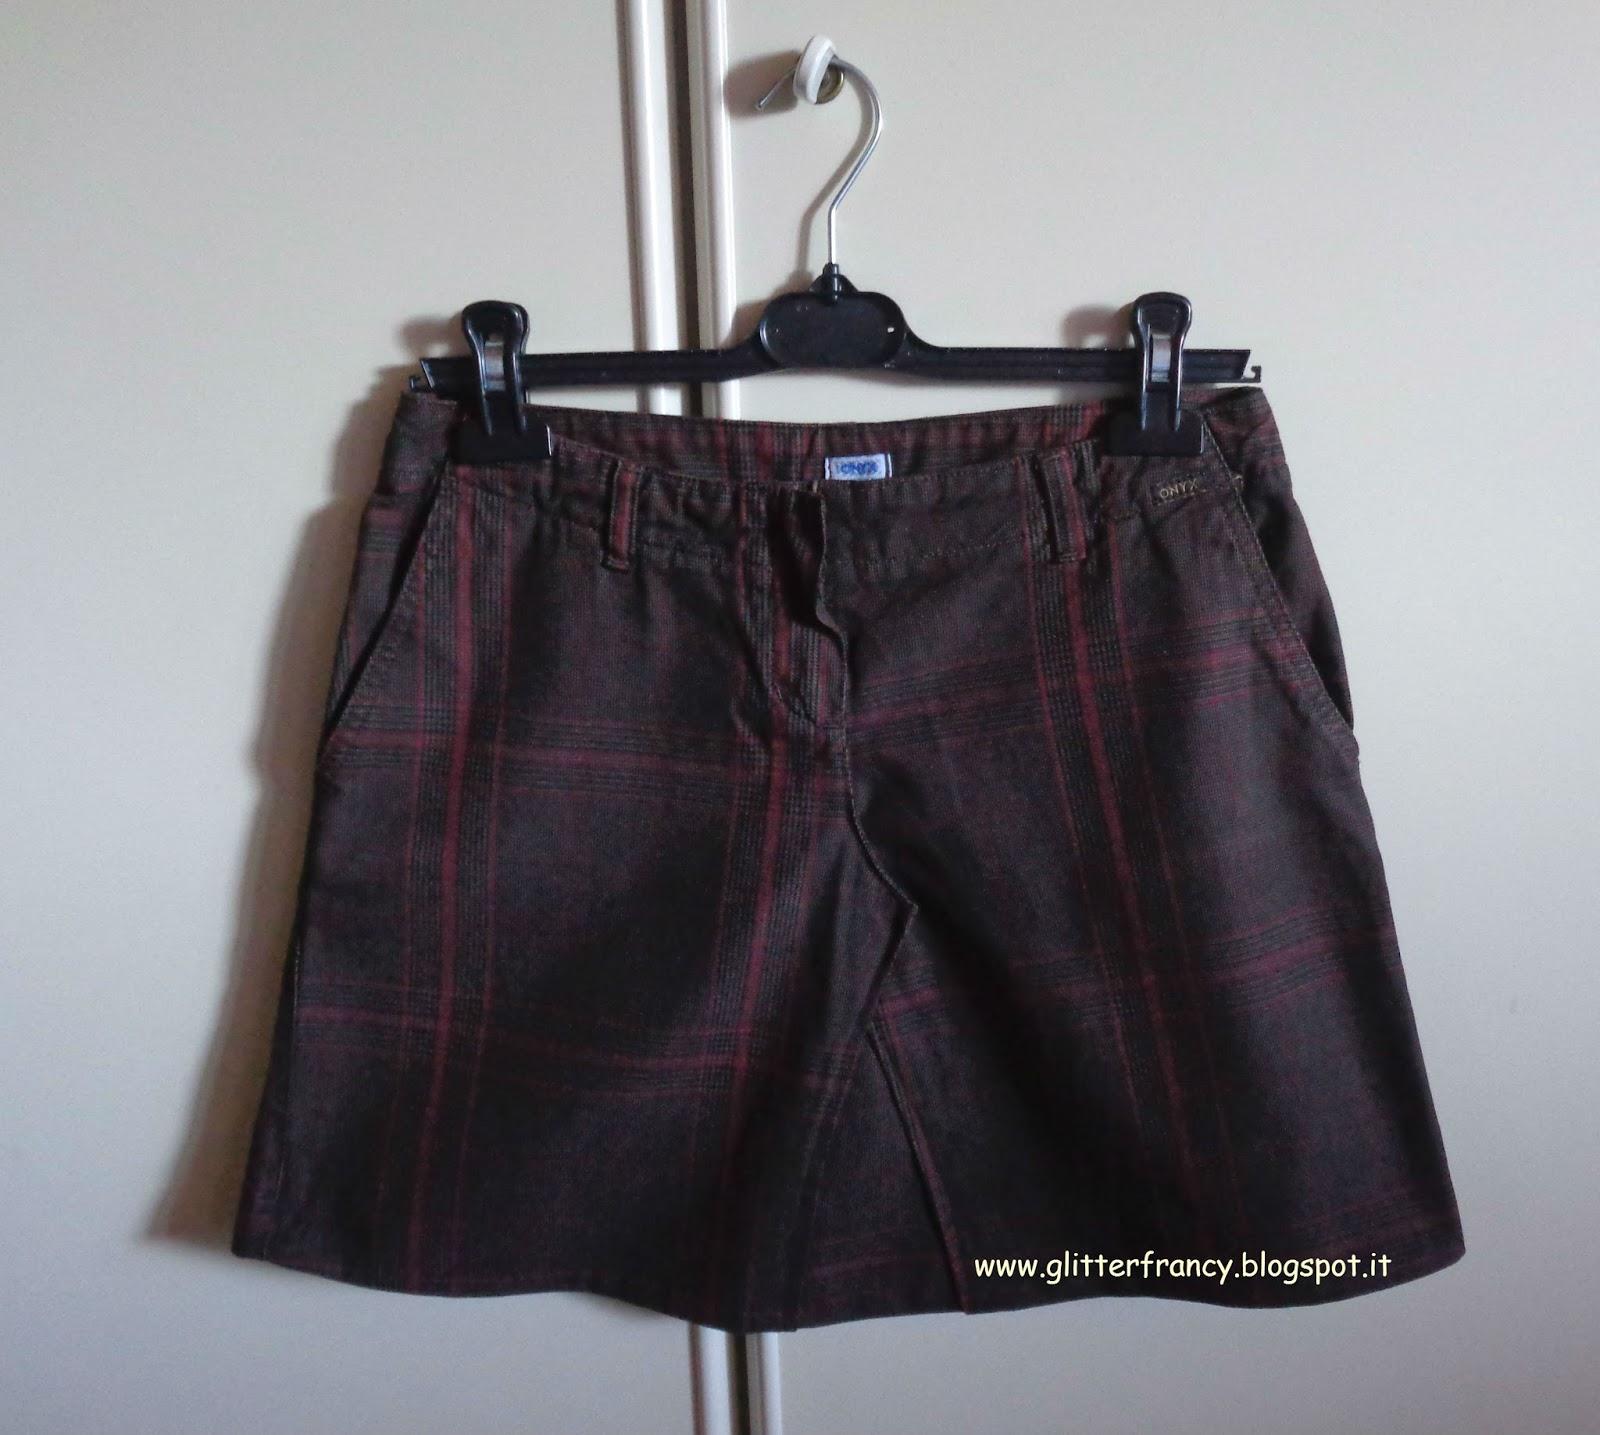 Trasformare un paio di pantaloni in una gonna